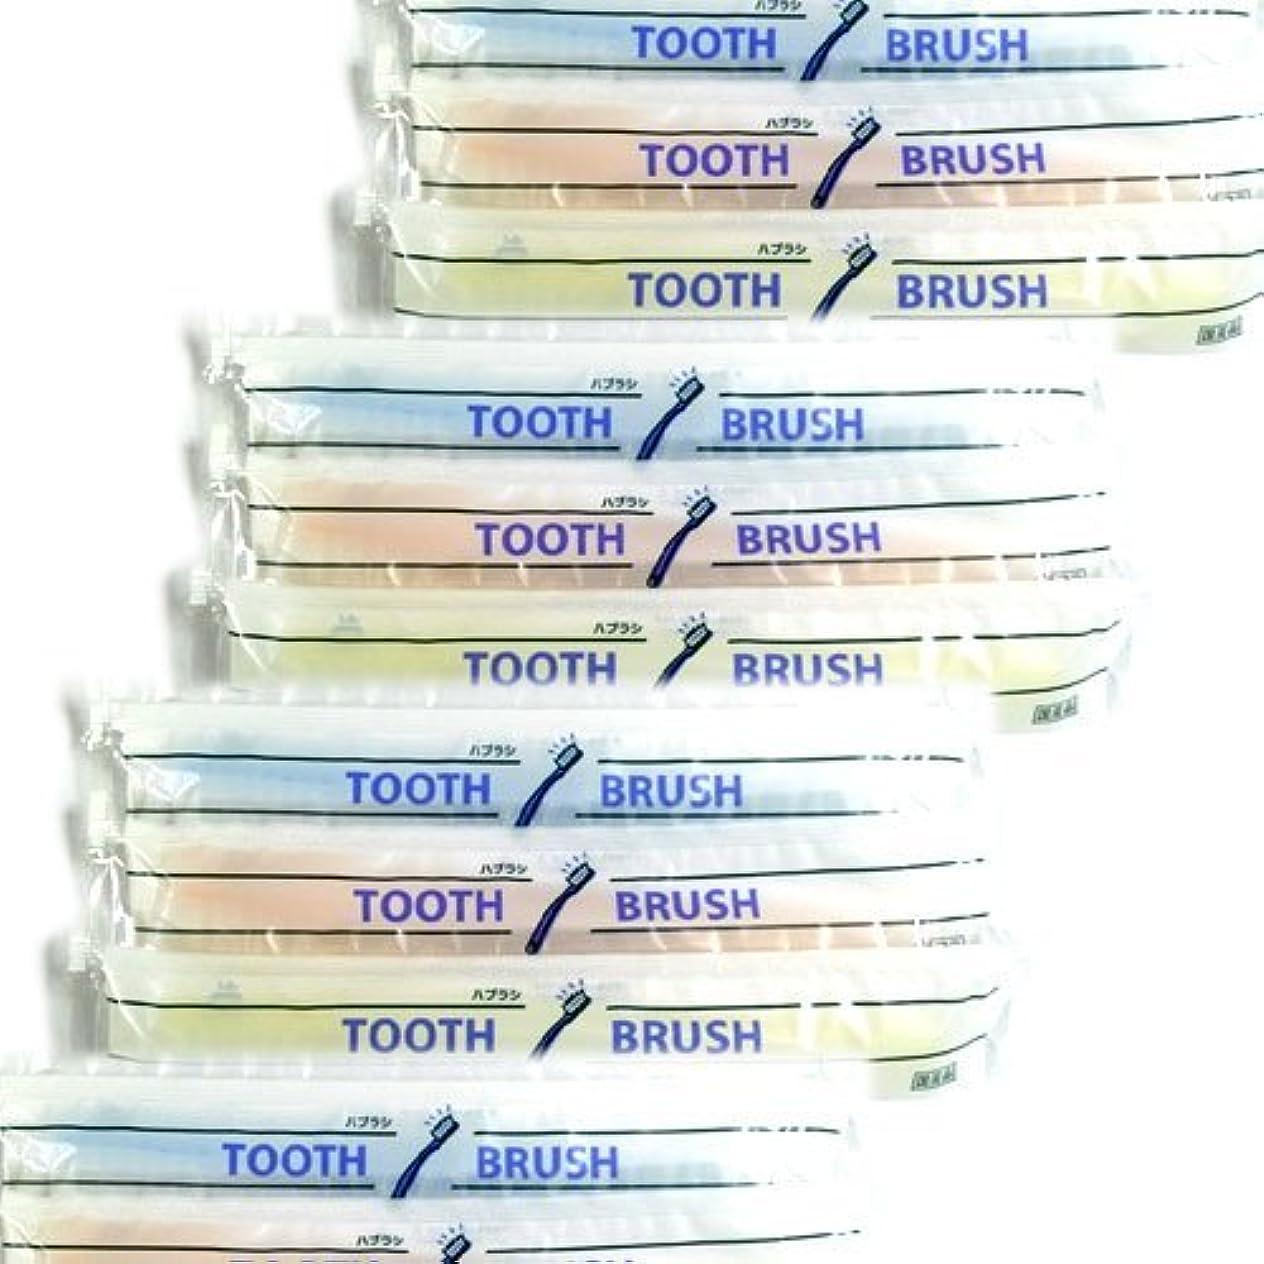 火山学認めるインクホテルアメニティ 業務用 使い捨て(インスタント) 粉付き歯ブラシ × 1000個セット